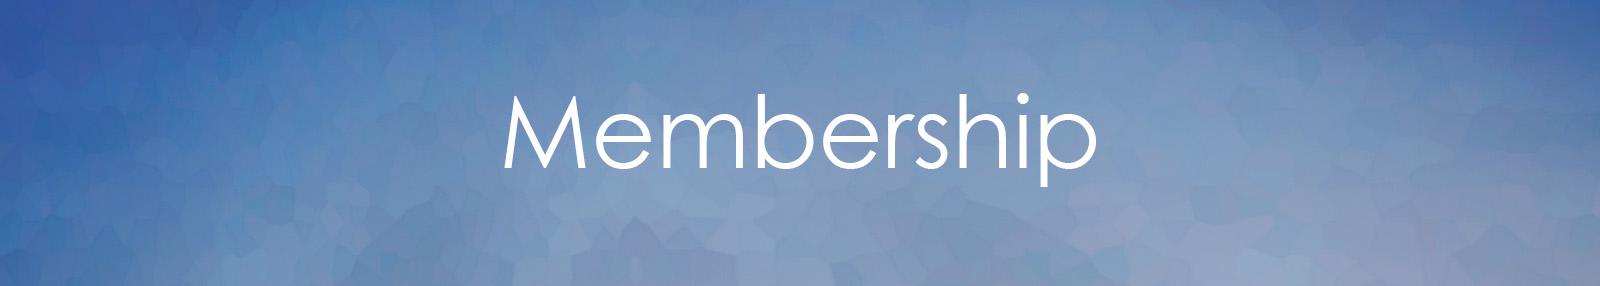 header_image_membership